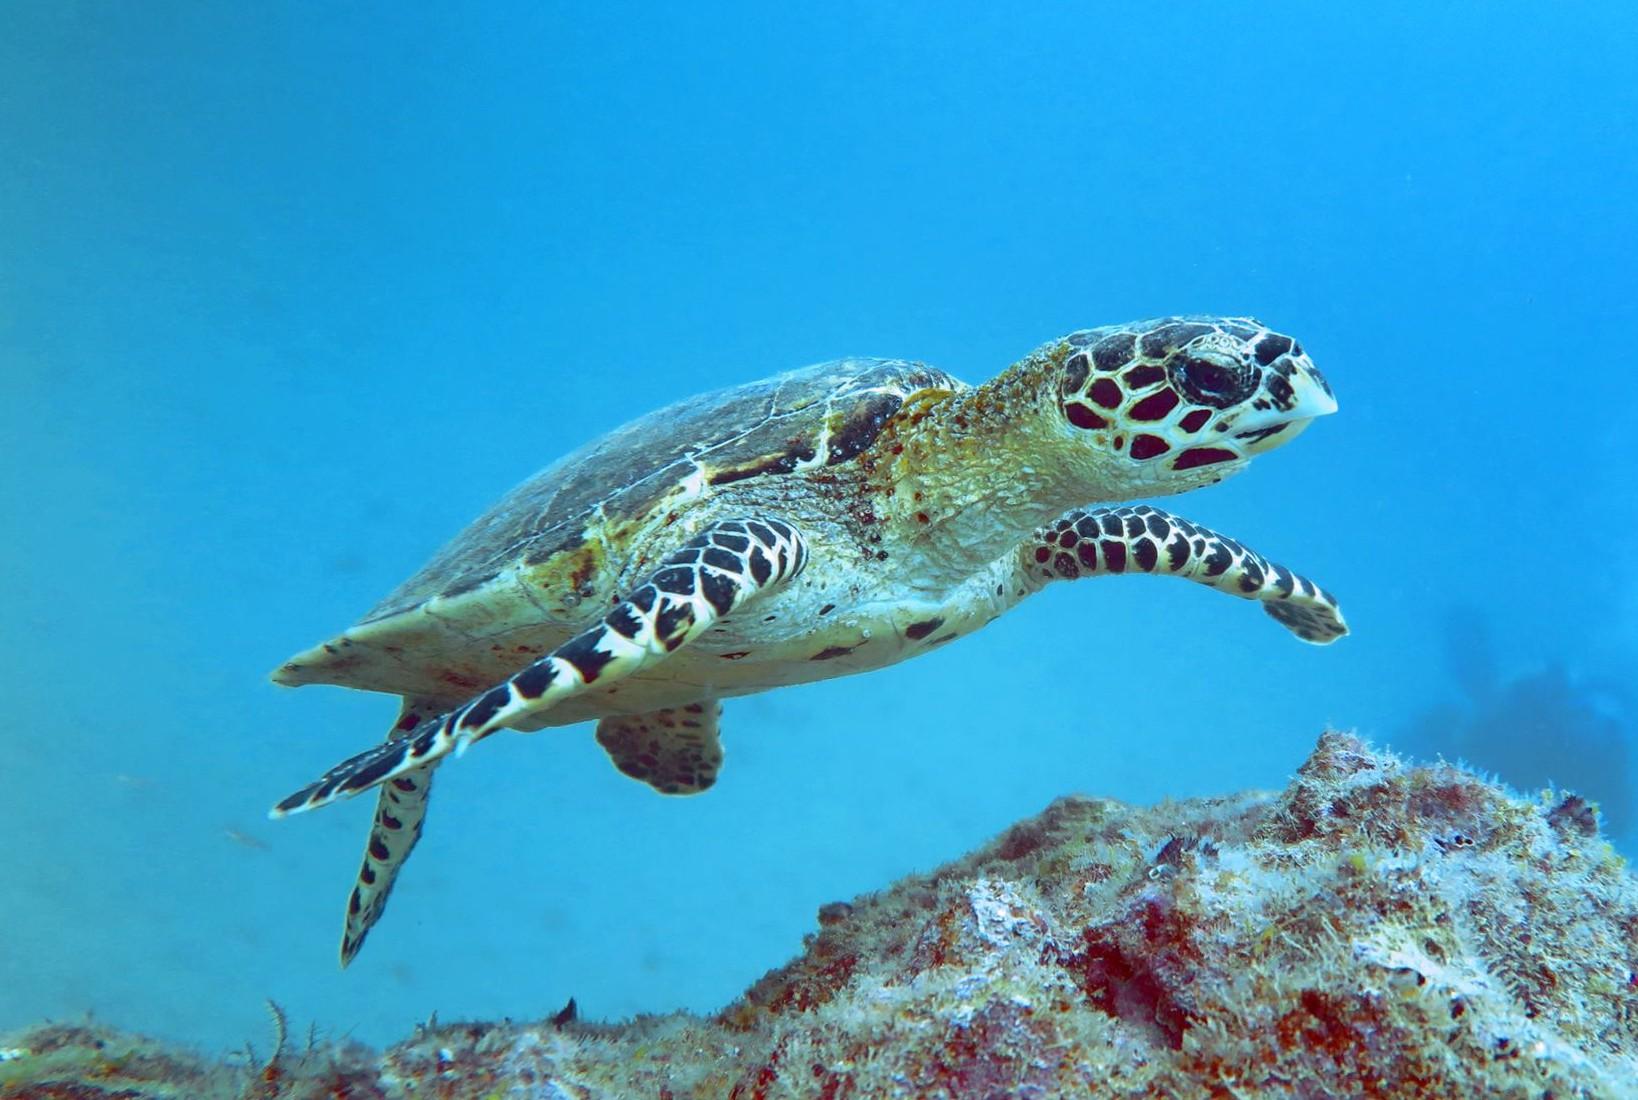 Tartaruga Carey en Isla Del Caño - Costa Rica | foto: Roberto Vargas / scubapuravida.com